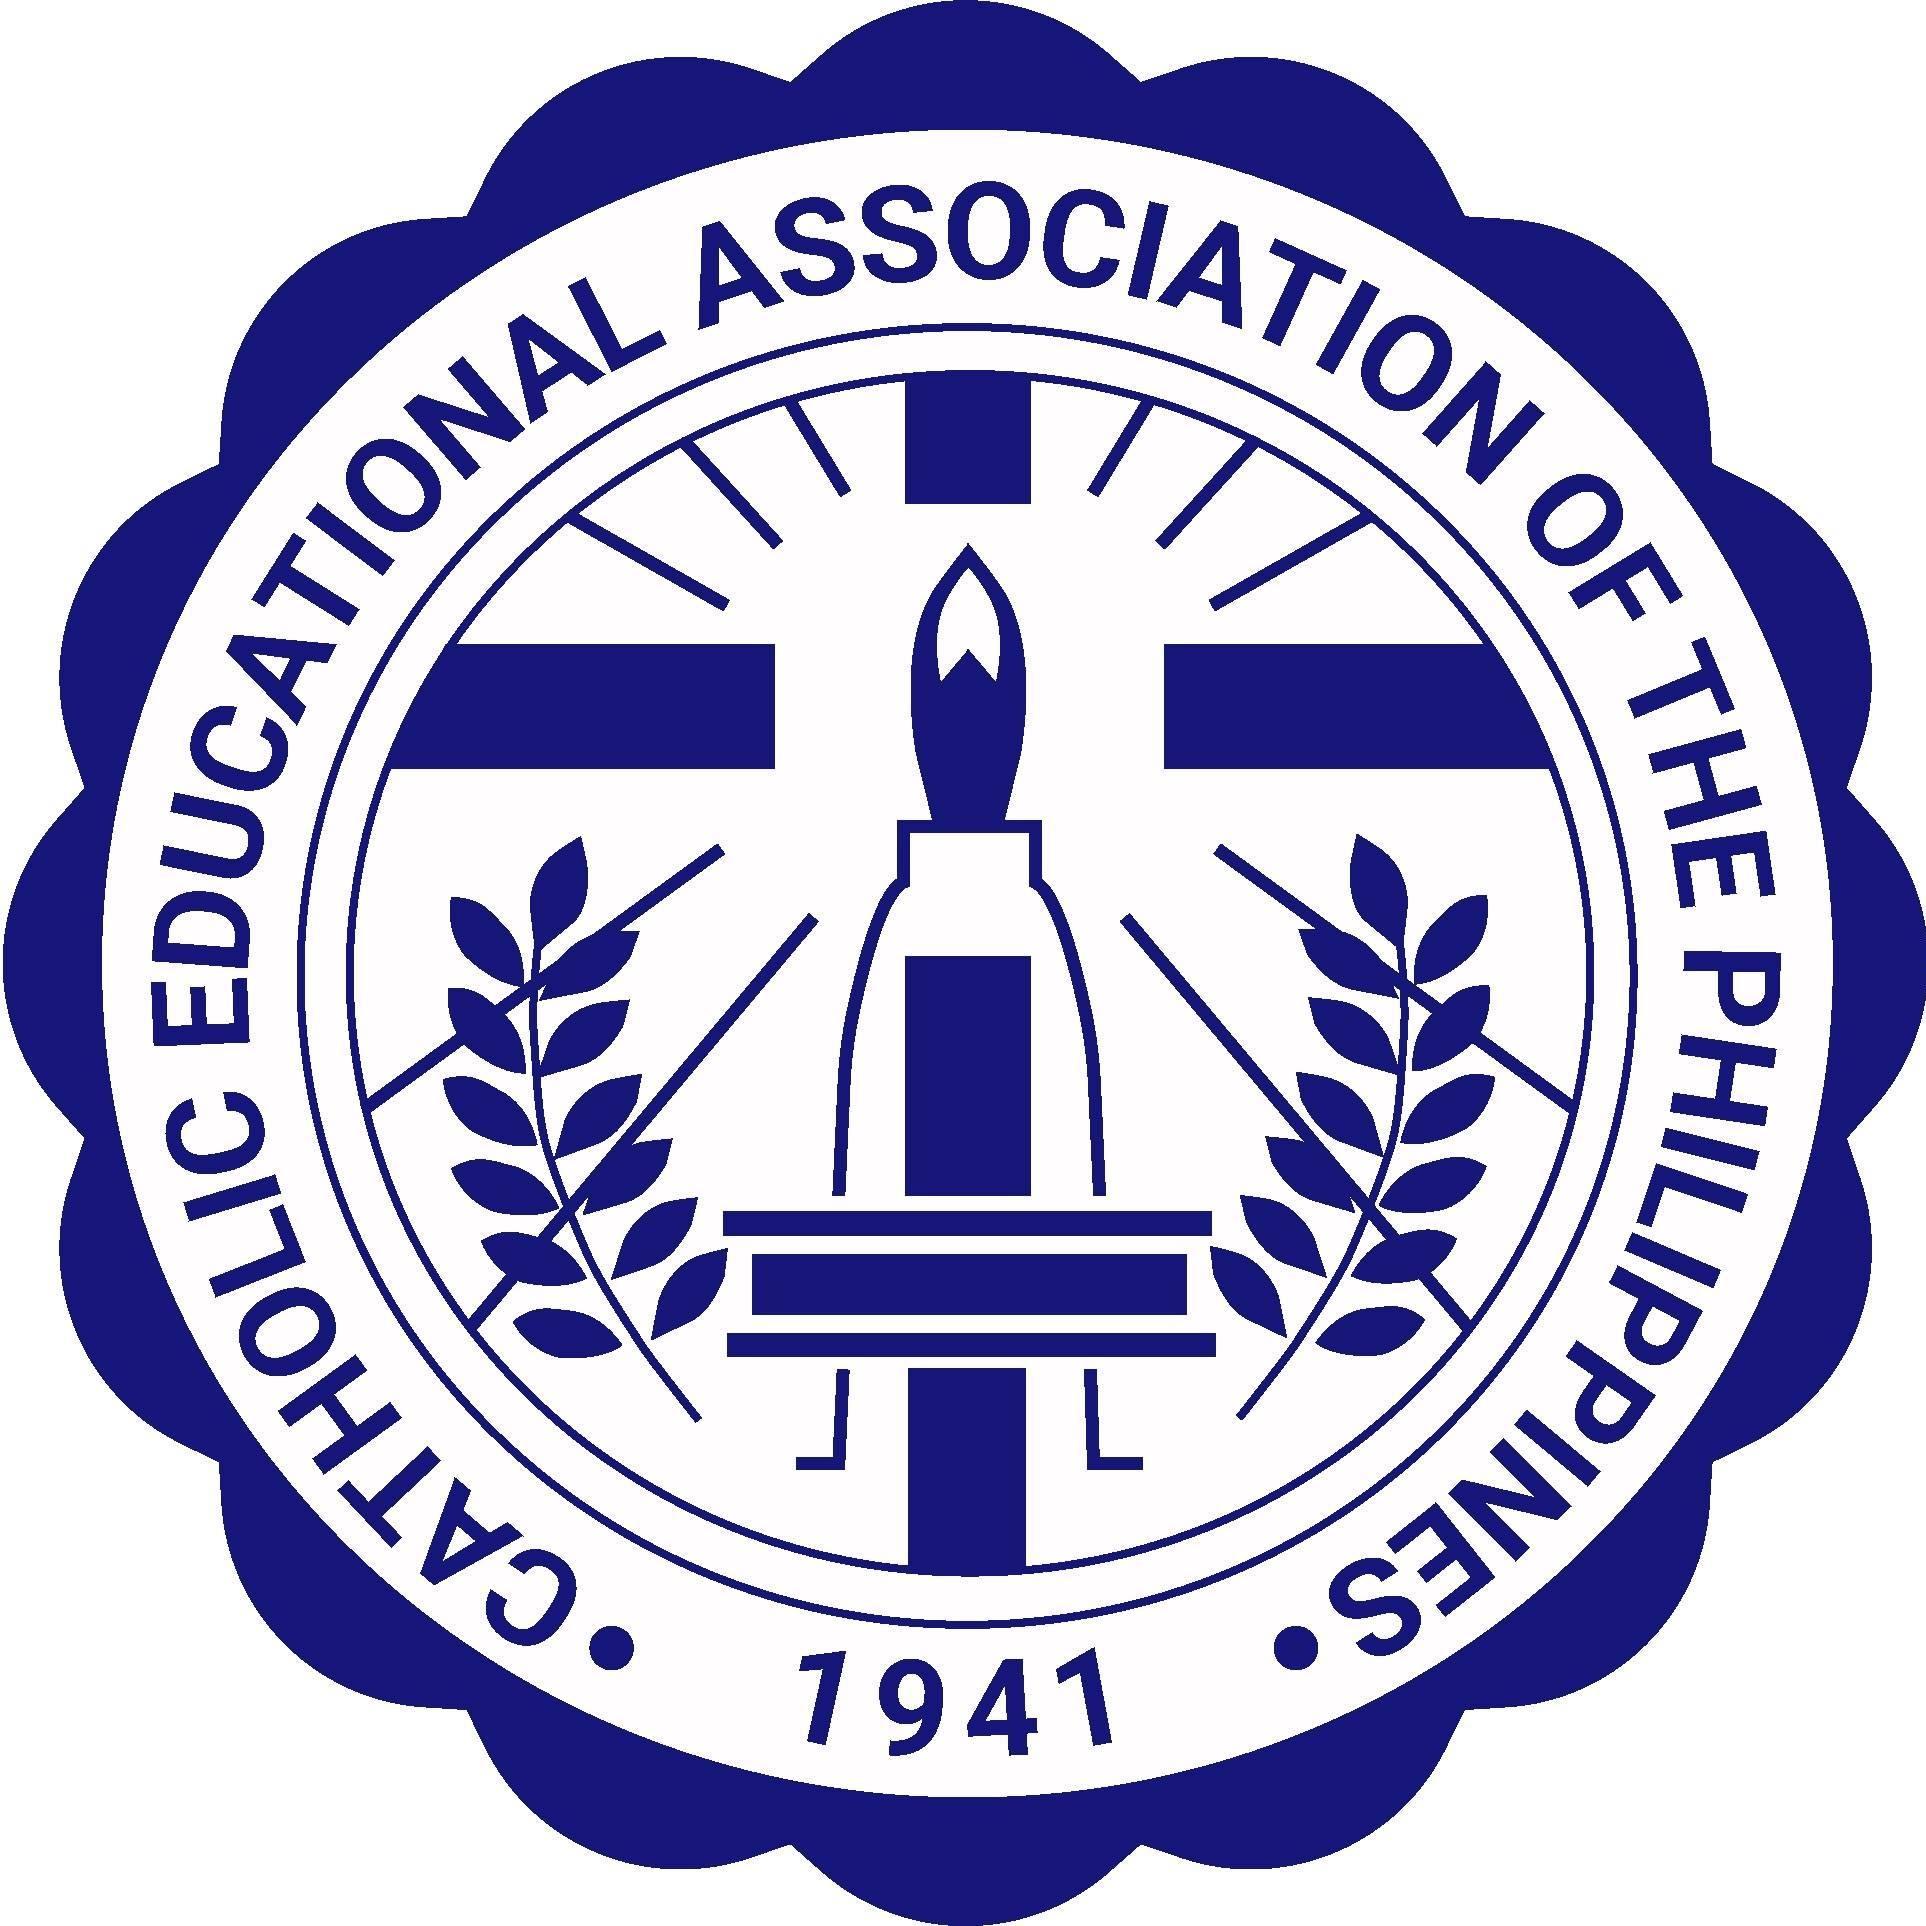 Catholic Educational Association of the Philippines